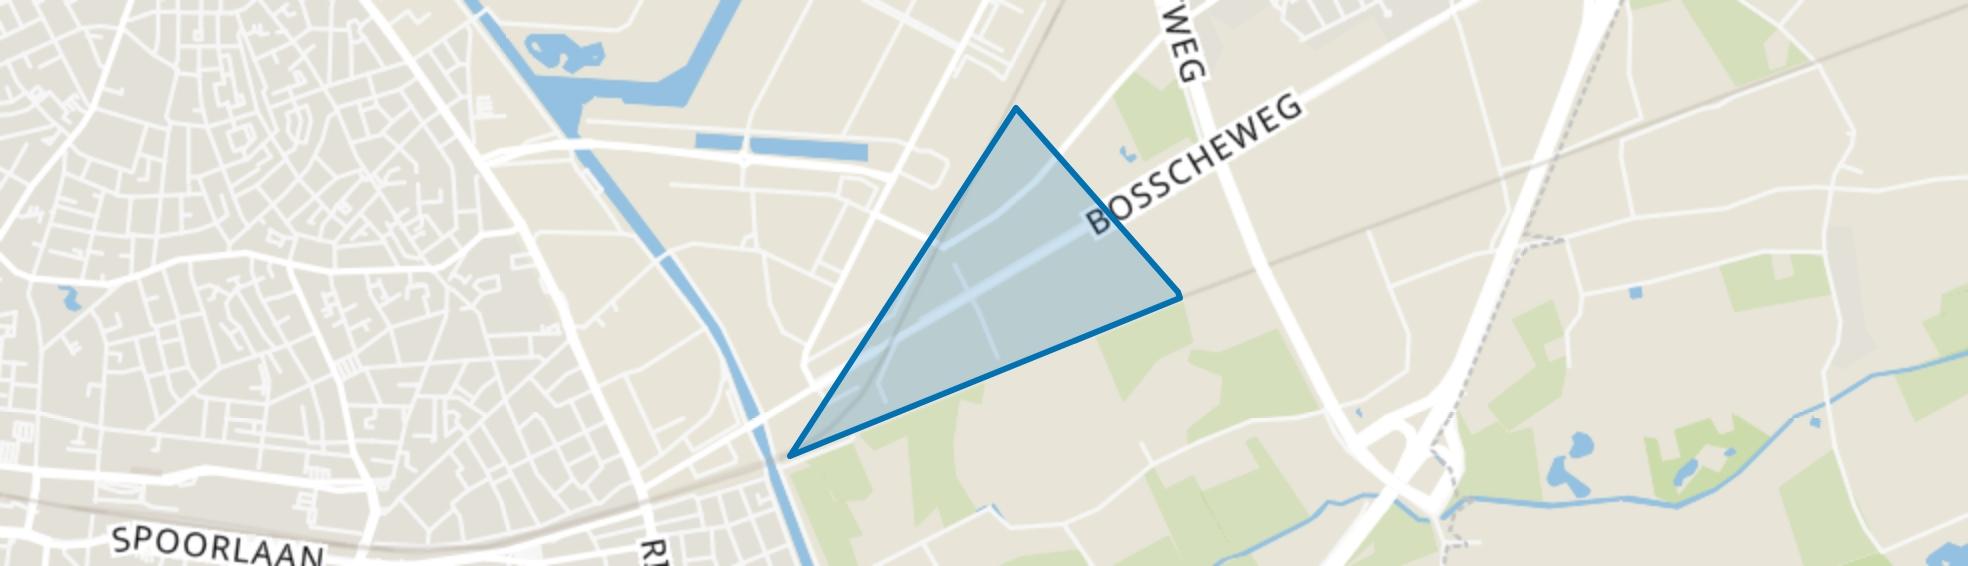 Bosscheweg, Tilburg map